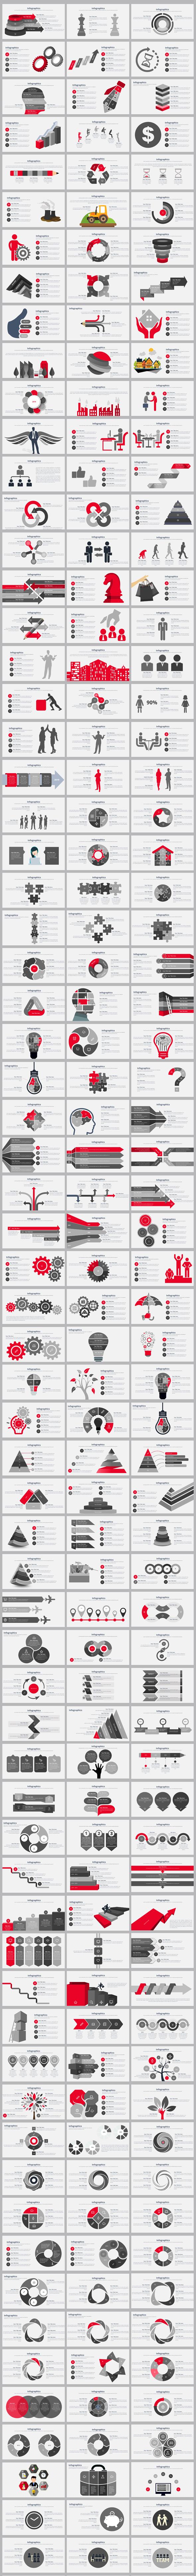 2021 Dynamic Report Keynote Templates Bundle - 5